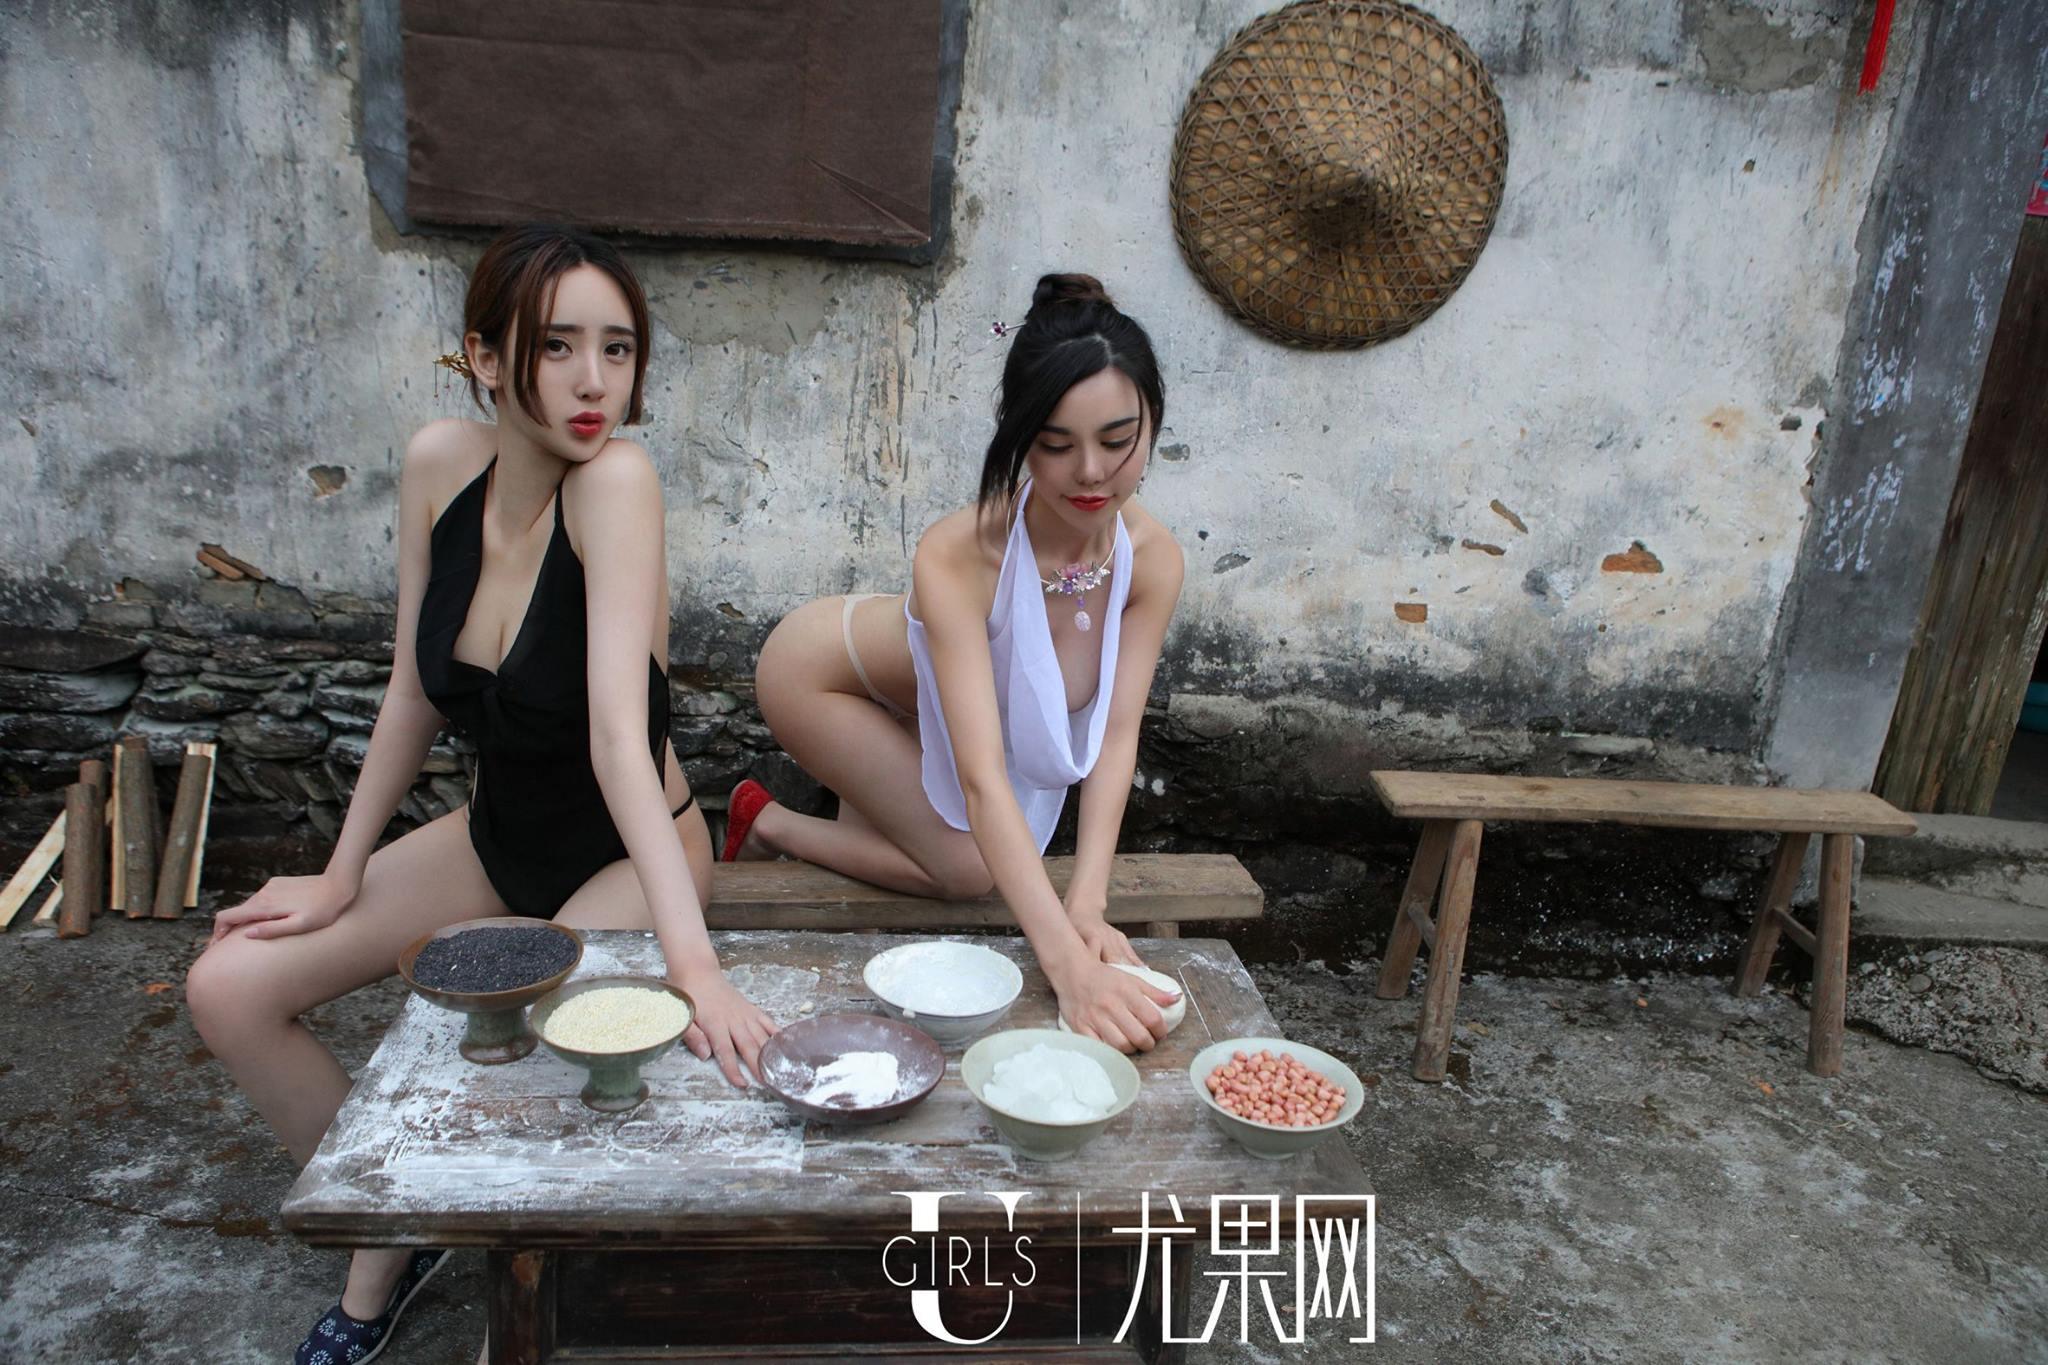 adfc378c coc Ninh binh22